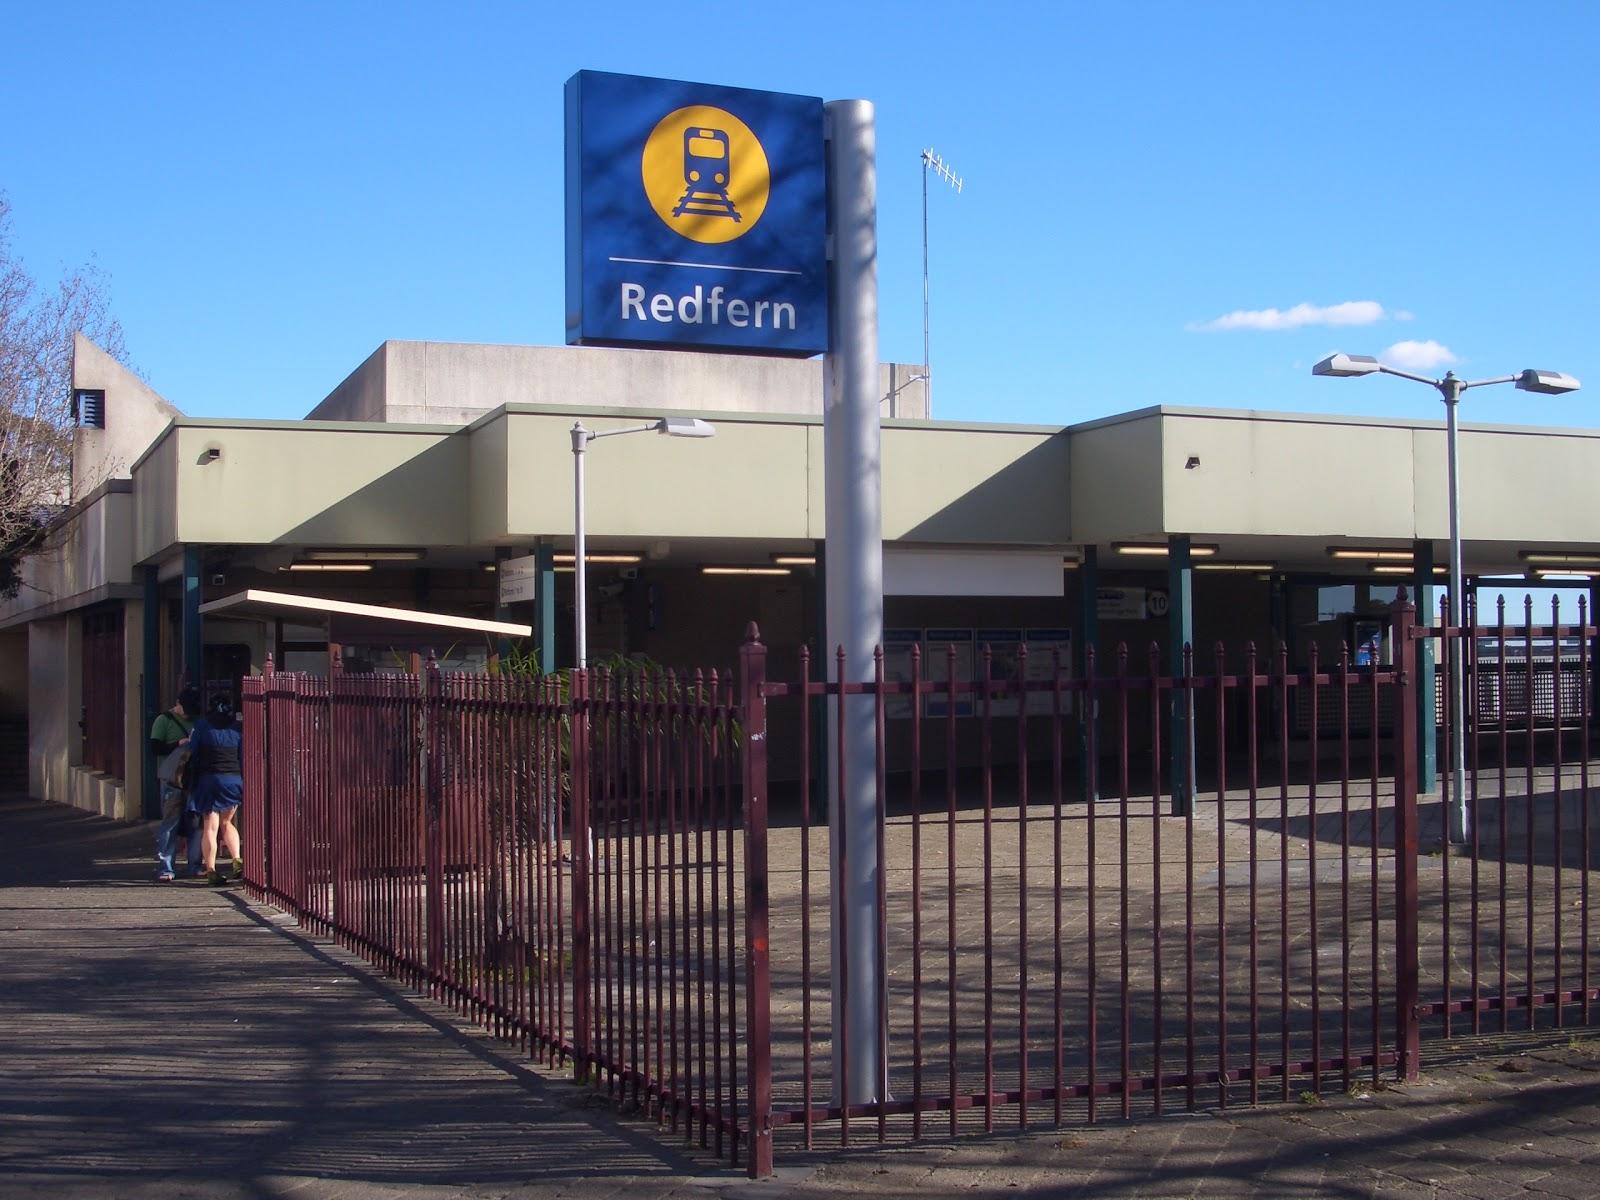 redfern station - photo #4